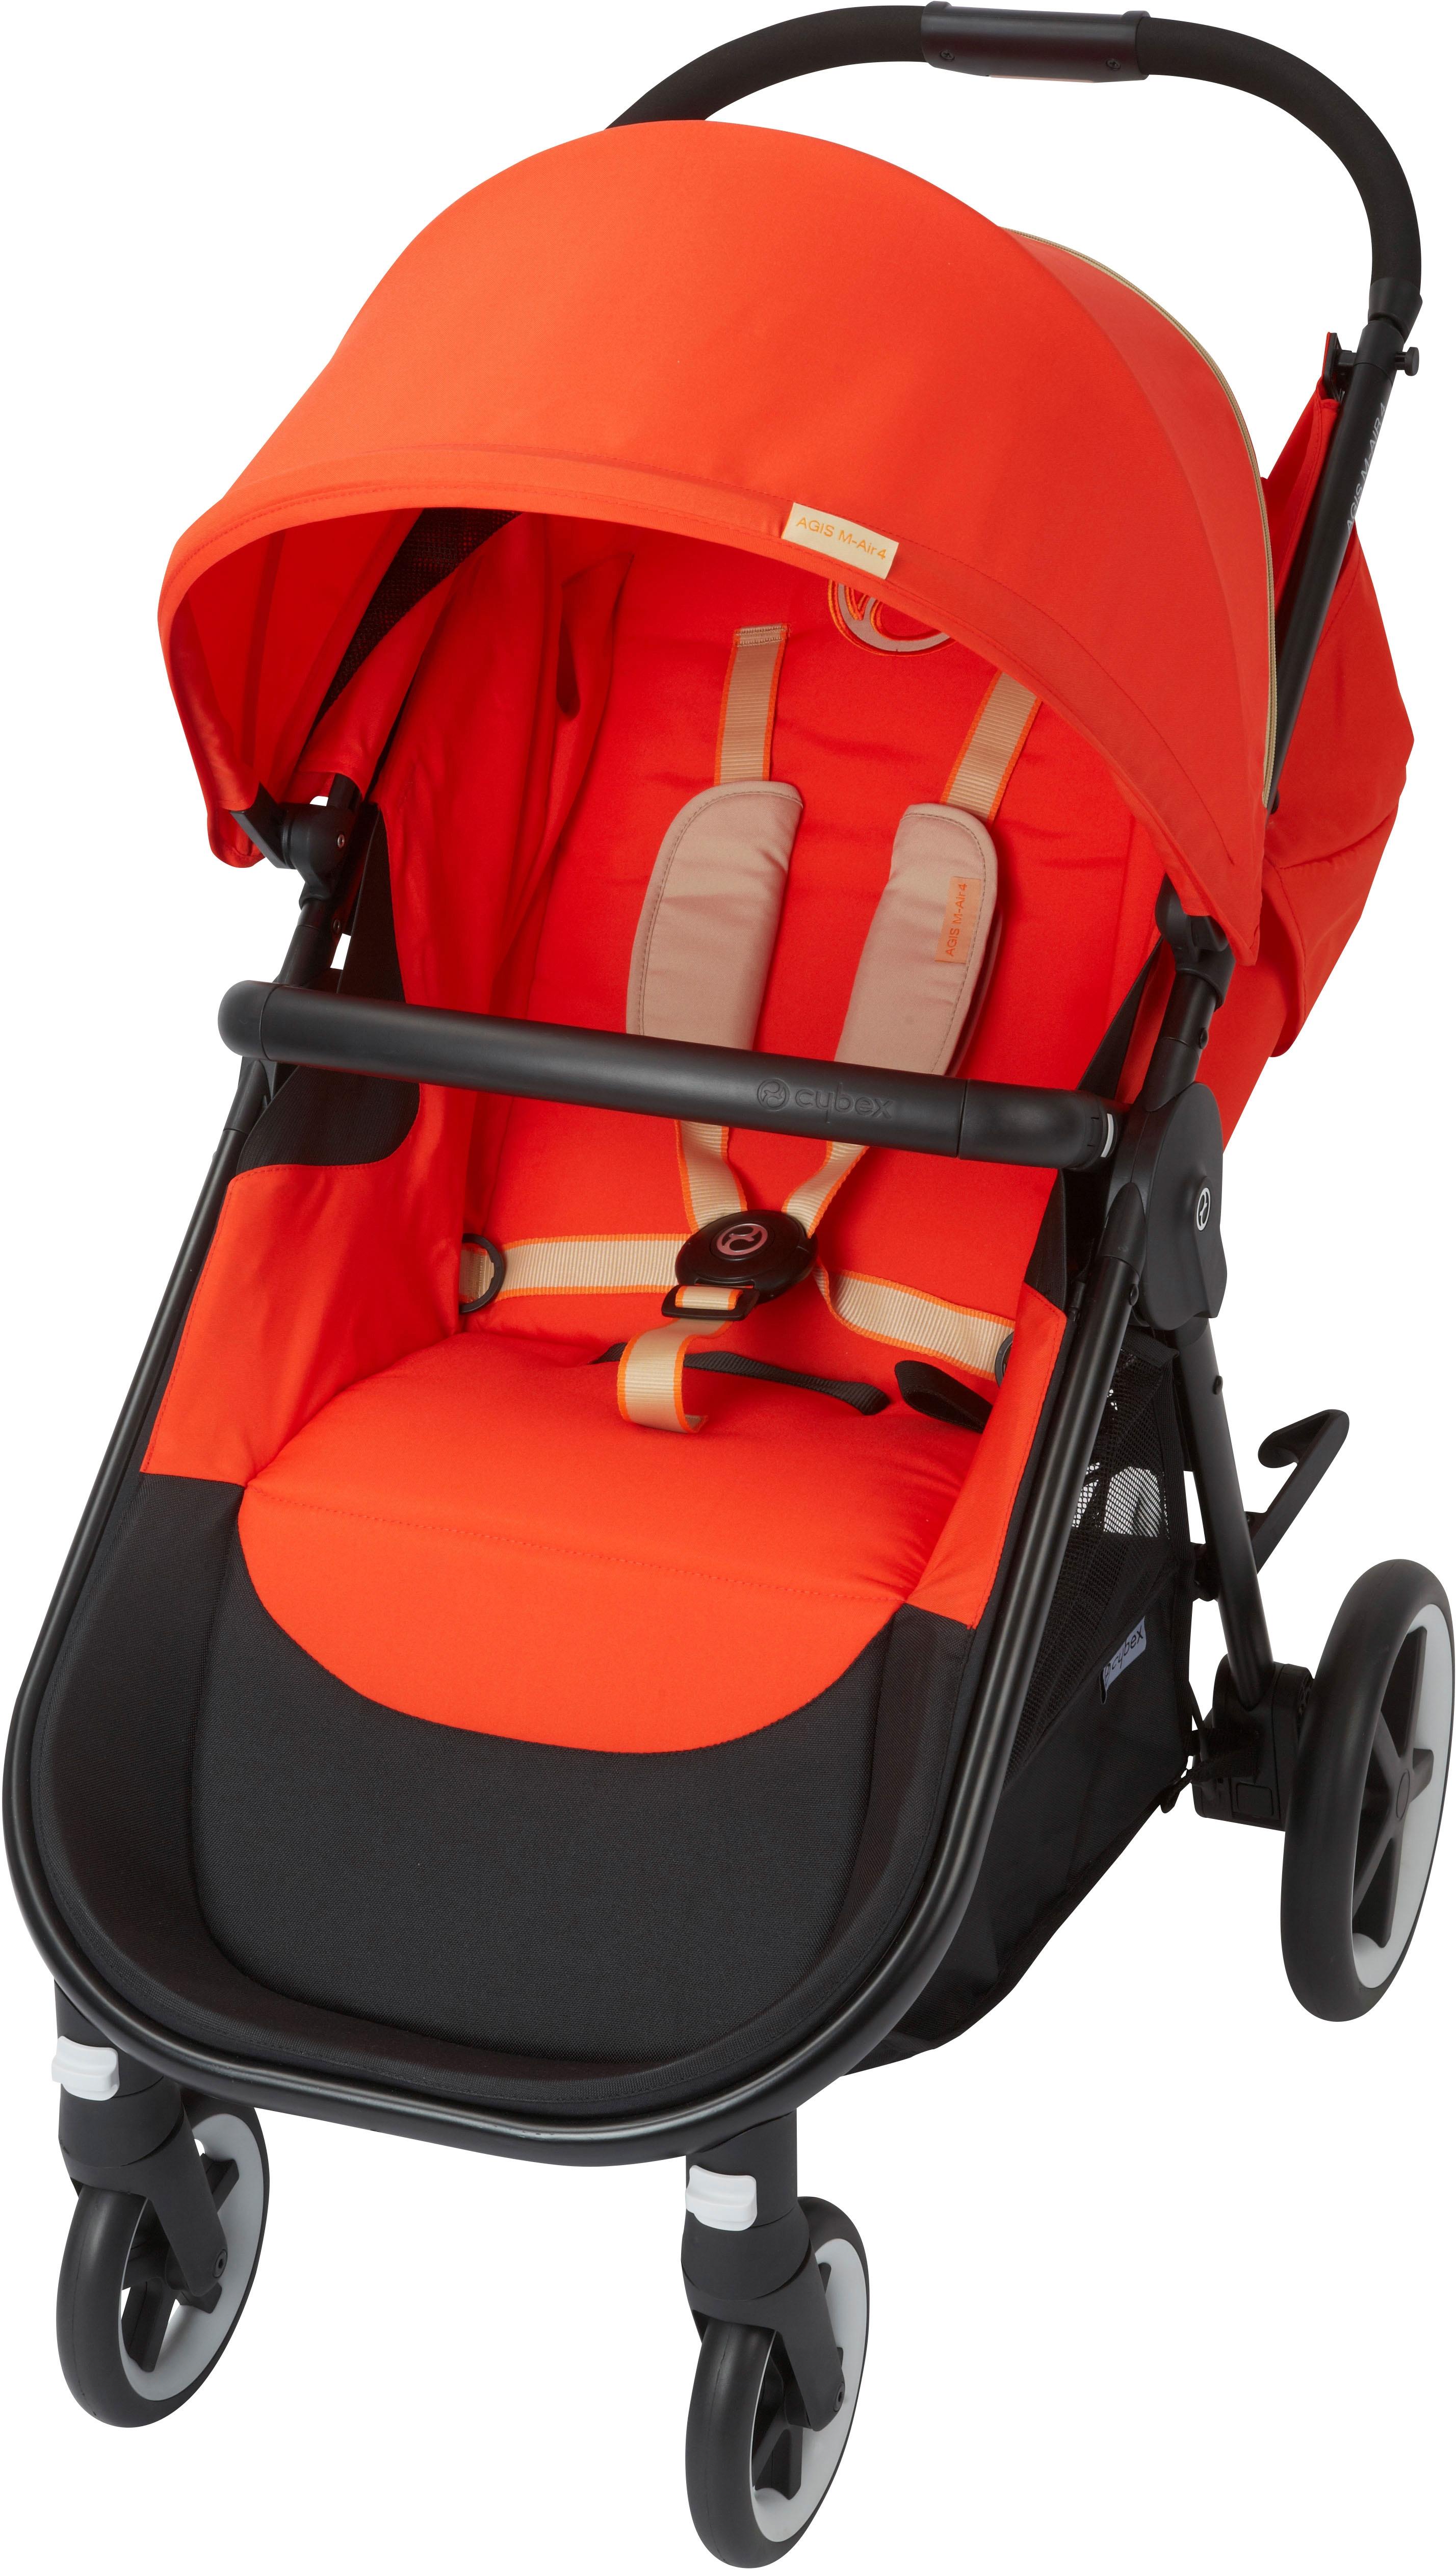 An lisis de cybex agis m air 4 comparador de sillas de paseo ocu - Mejor silla de paseo ocu ...